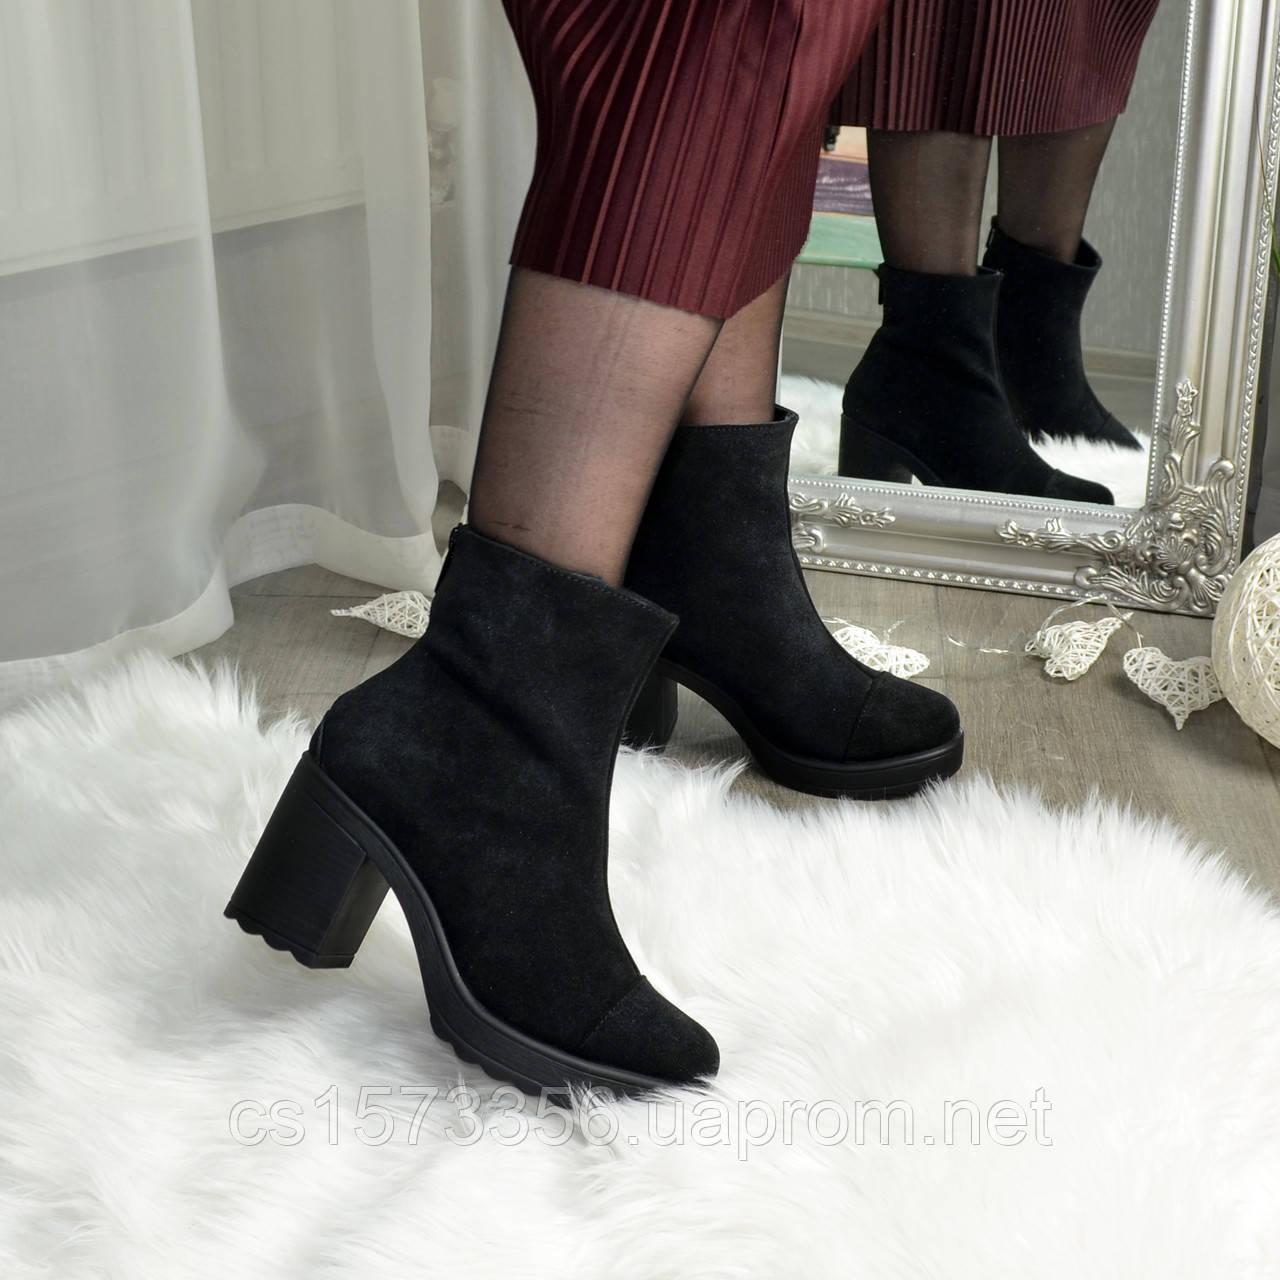 Ботинки женские на высоком устойчивом каблуке, из натуральной замши с лазерным напылением. 37 размер